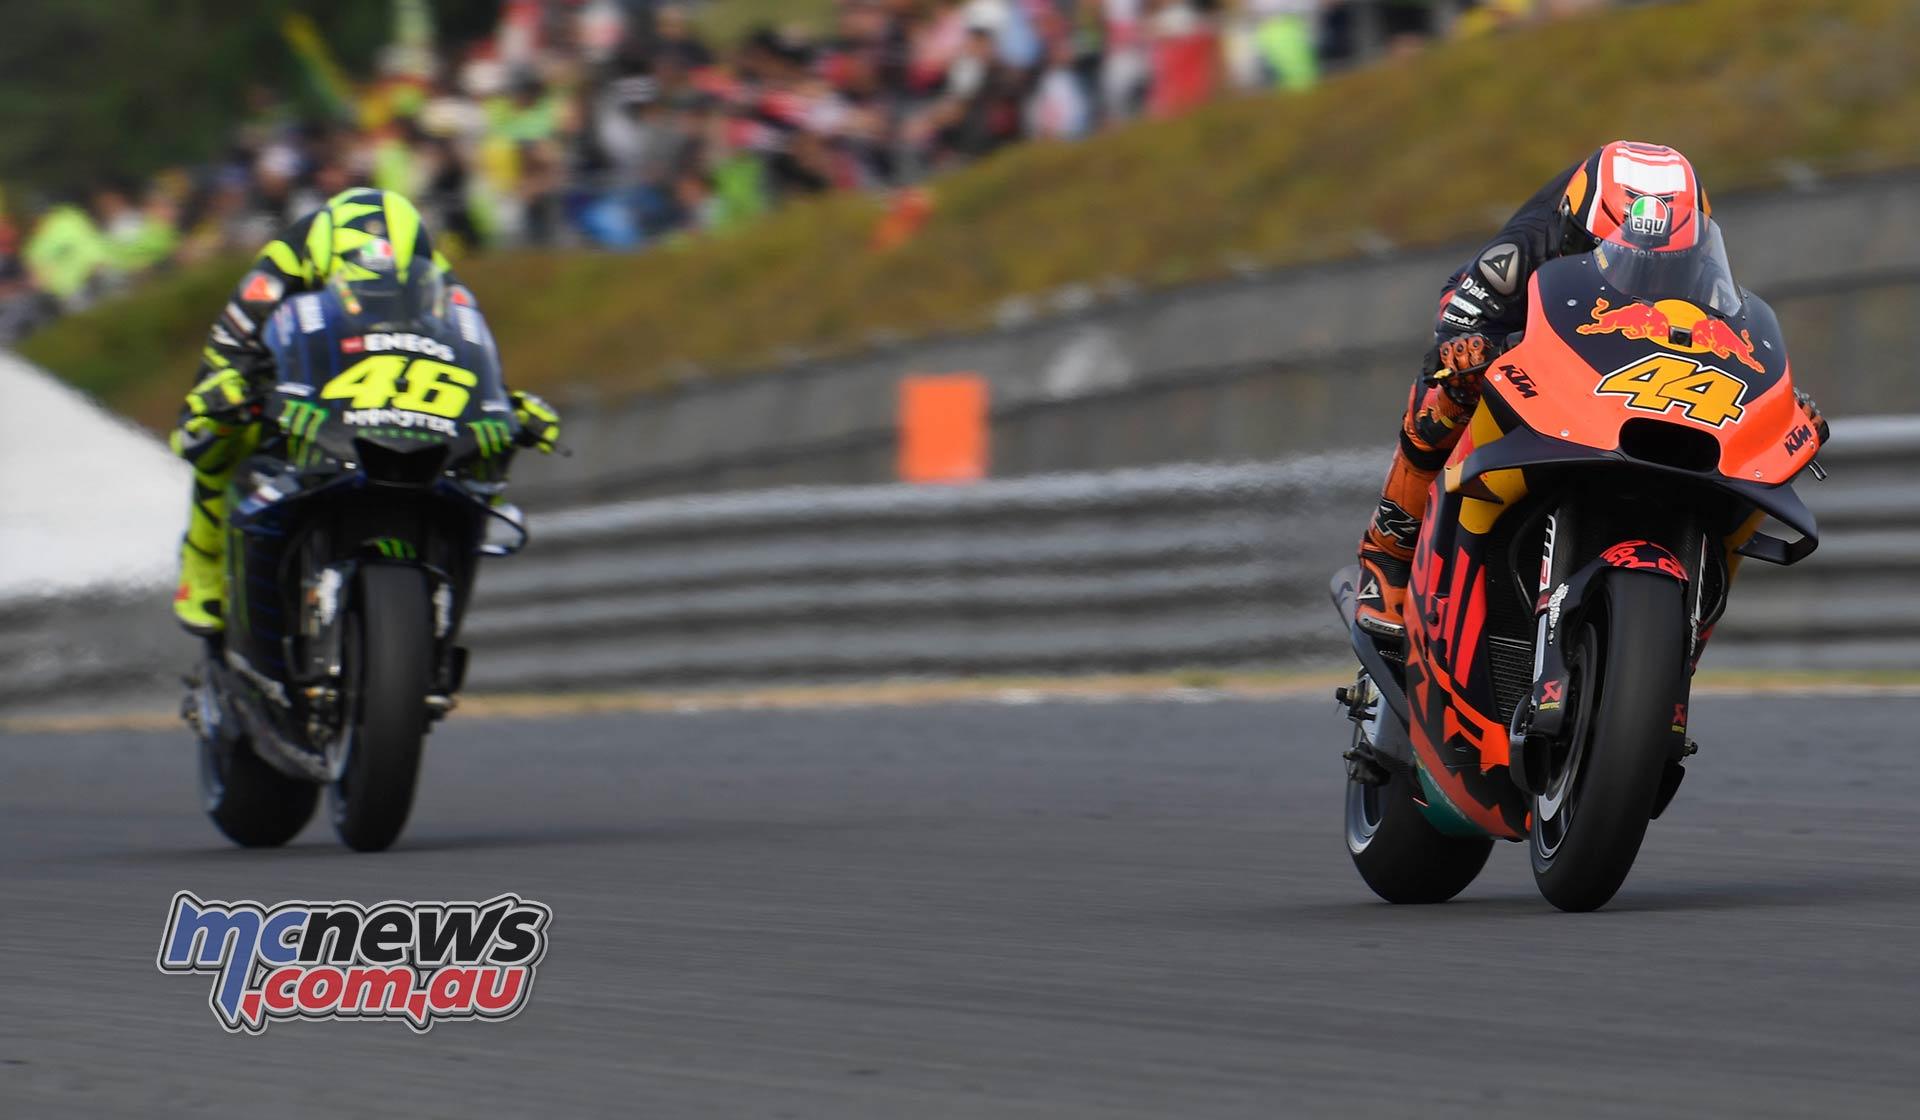 MotoGP Motegi Espargaro Rossi